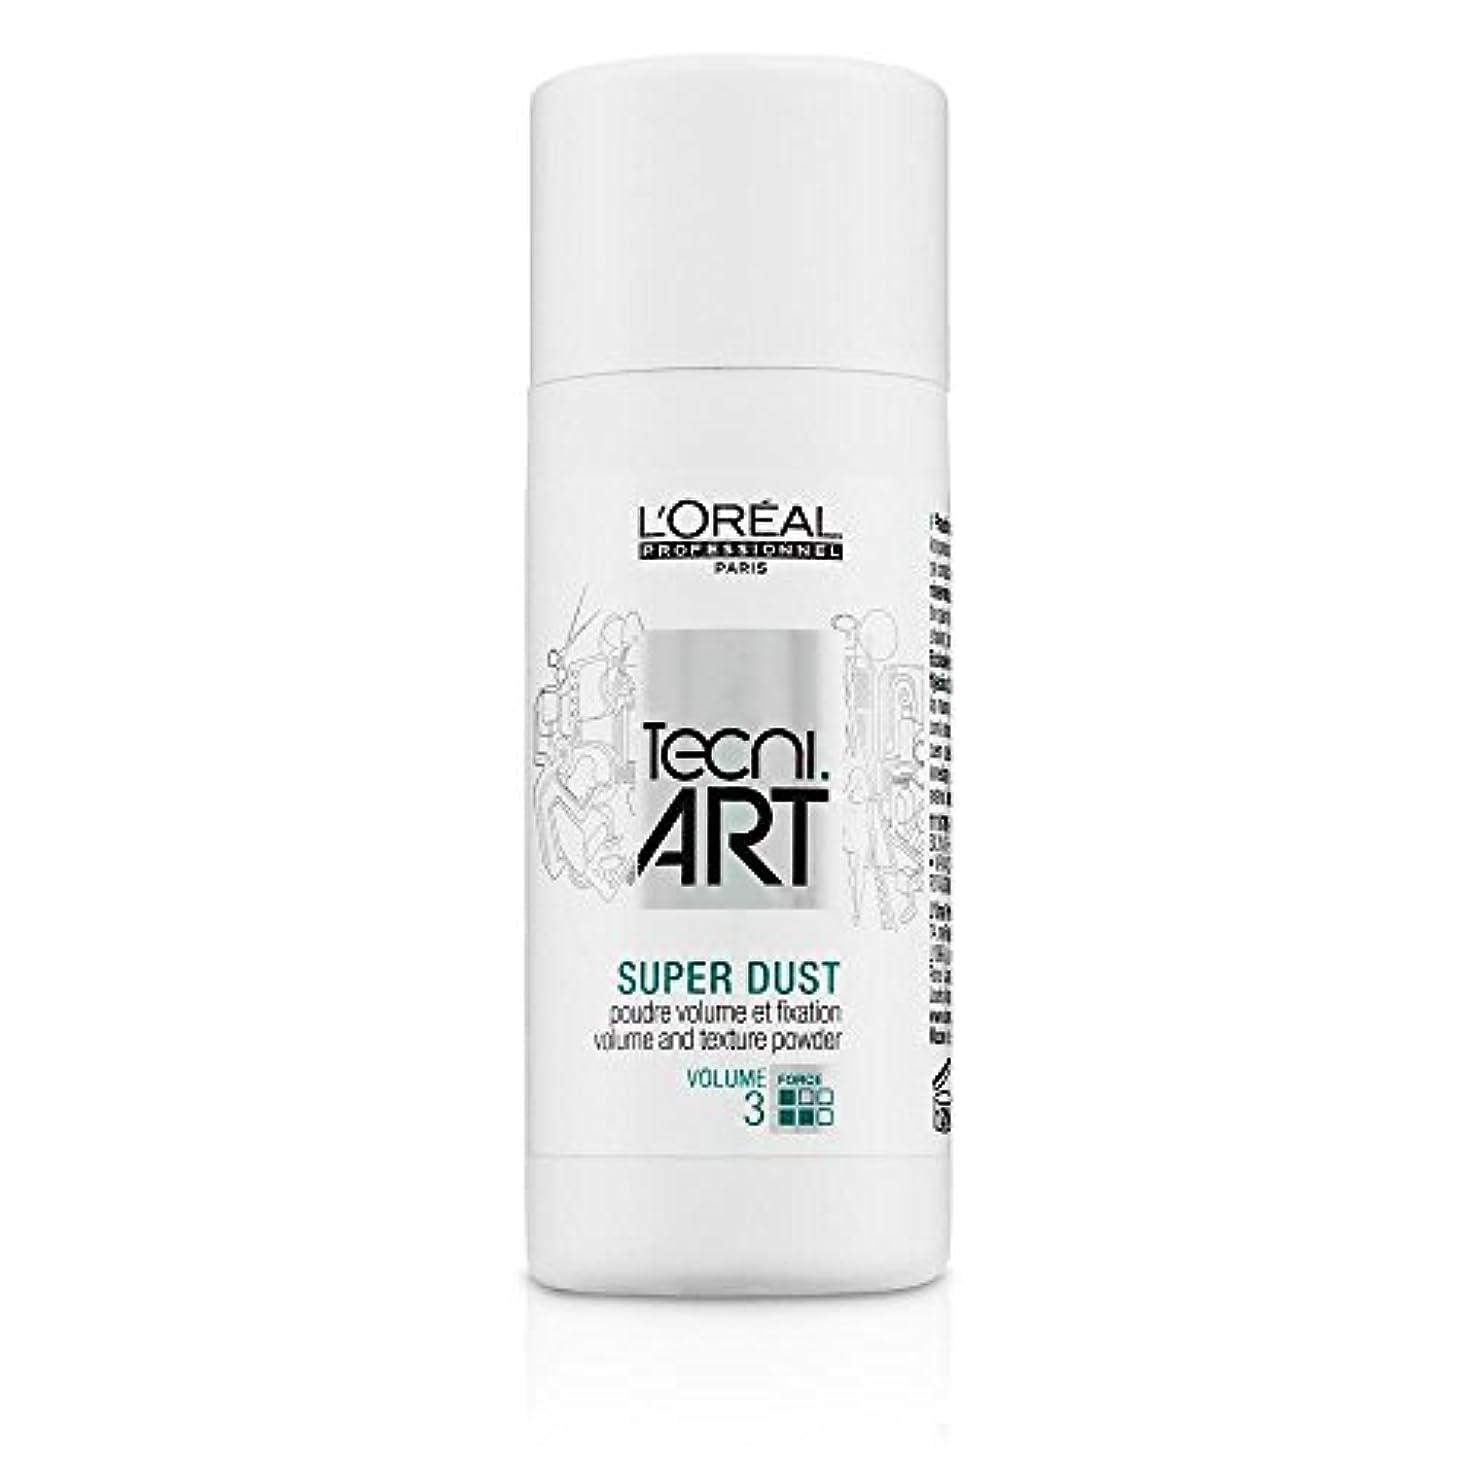 文法ファイル輸送L'Oreal Tecni Art Super Dust - Volume And Texture Powder 7g [並行輸入品]